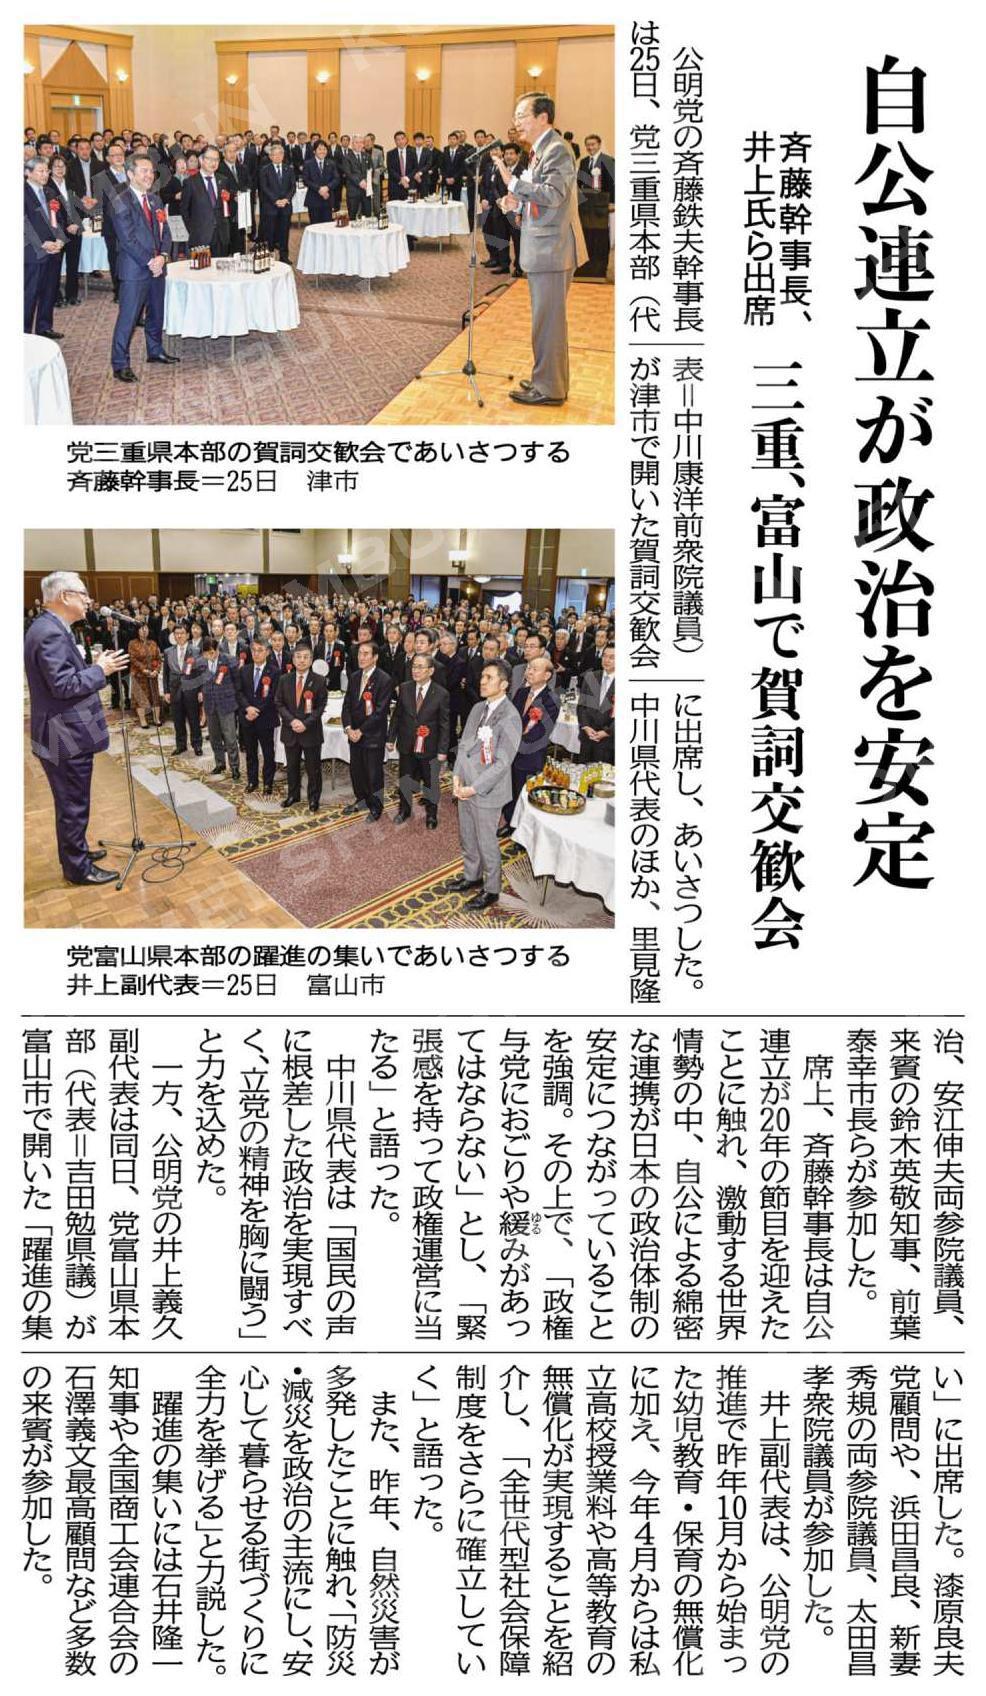 自公連立が政治を安定/三重、富山で賀詞交歓会/斉藤幹事長、井上氏ら出席